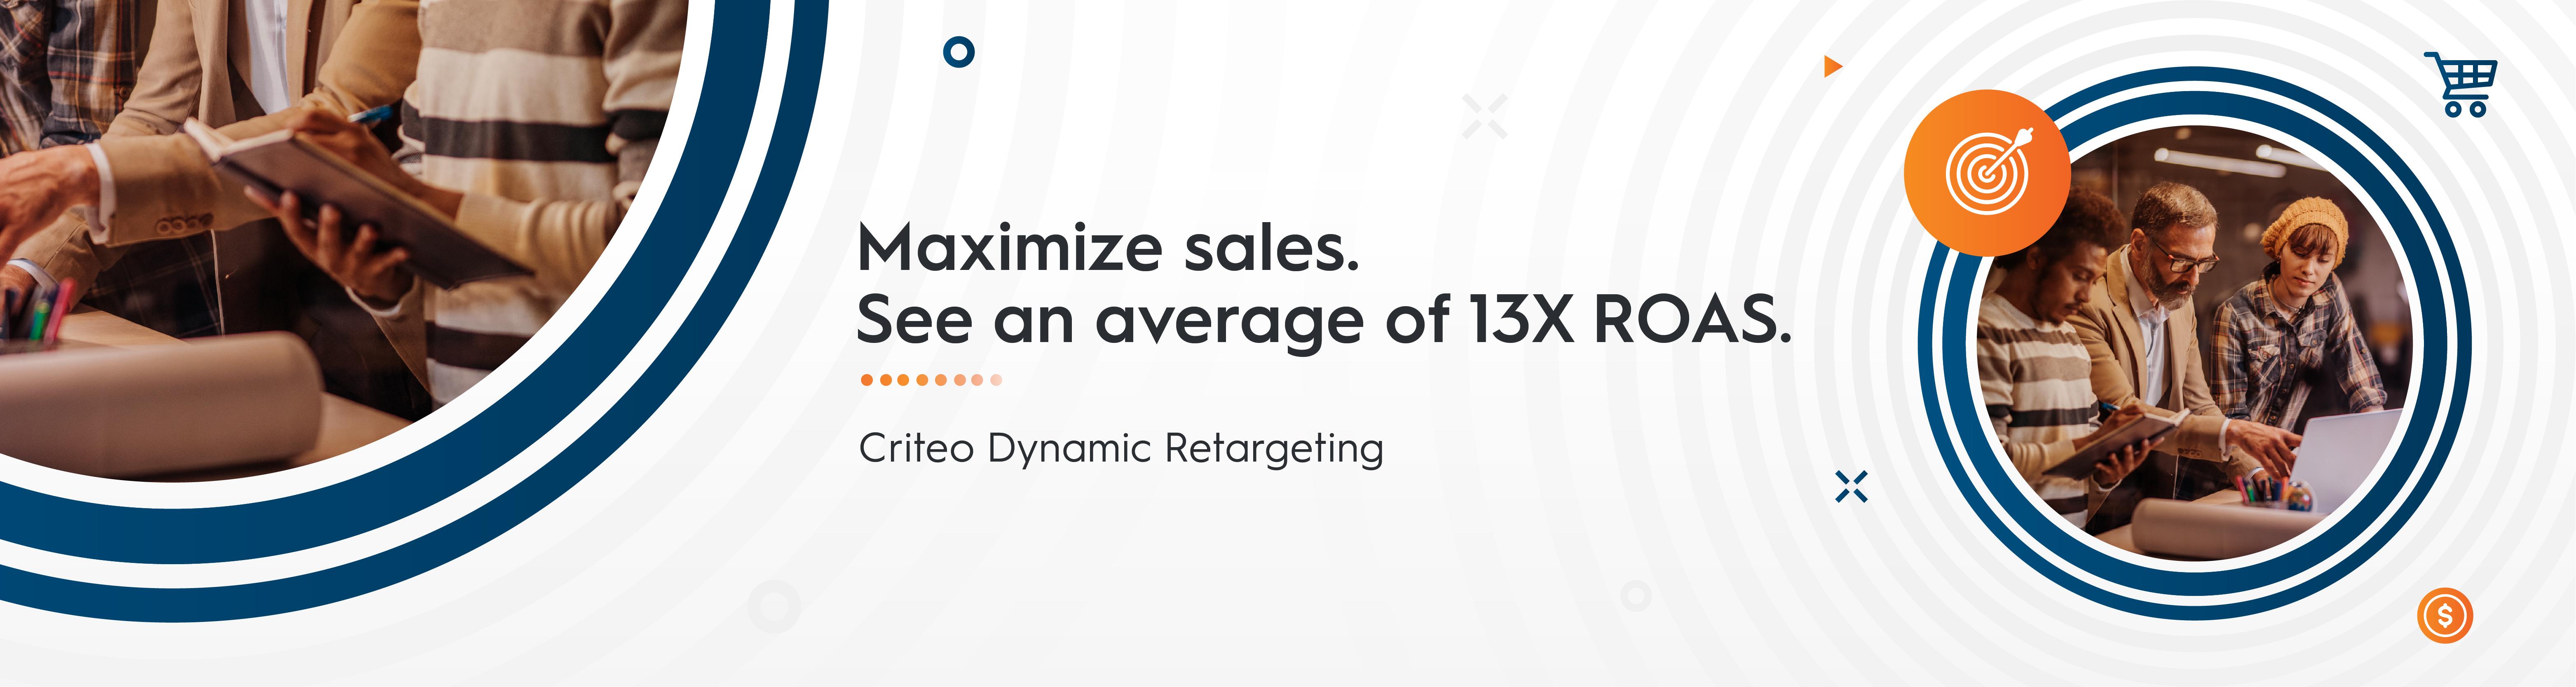 Criteo Dynamic Retargeting